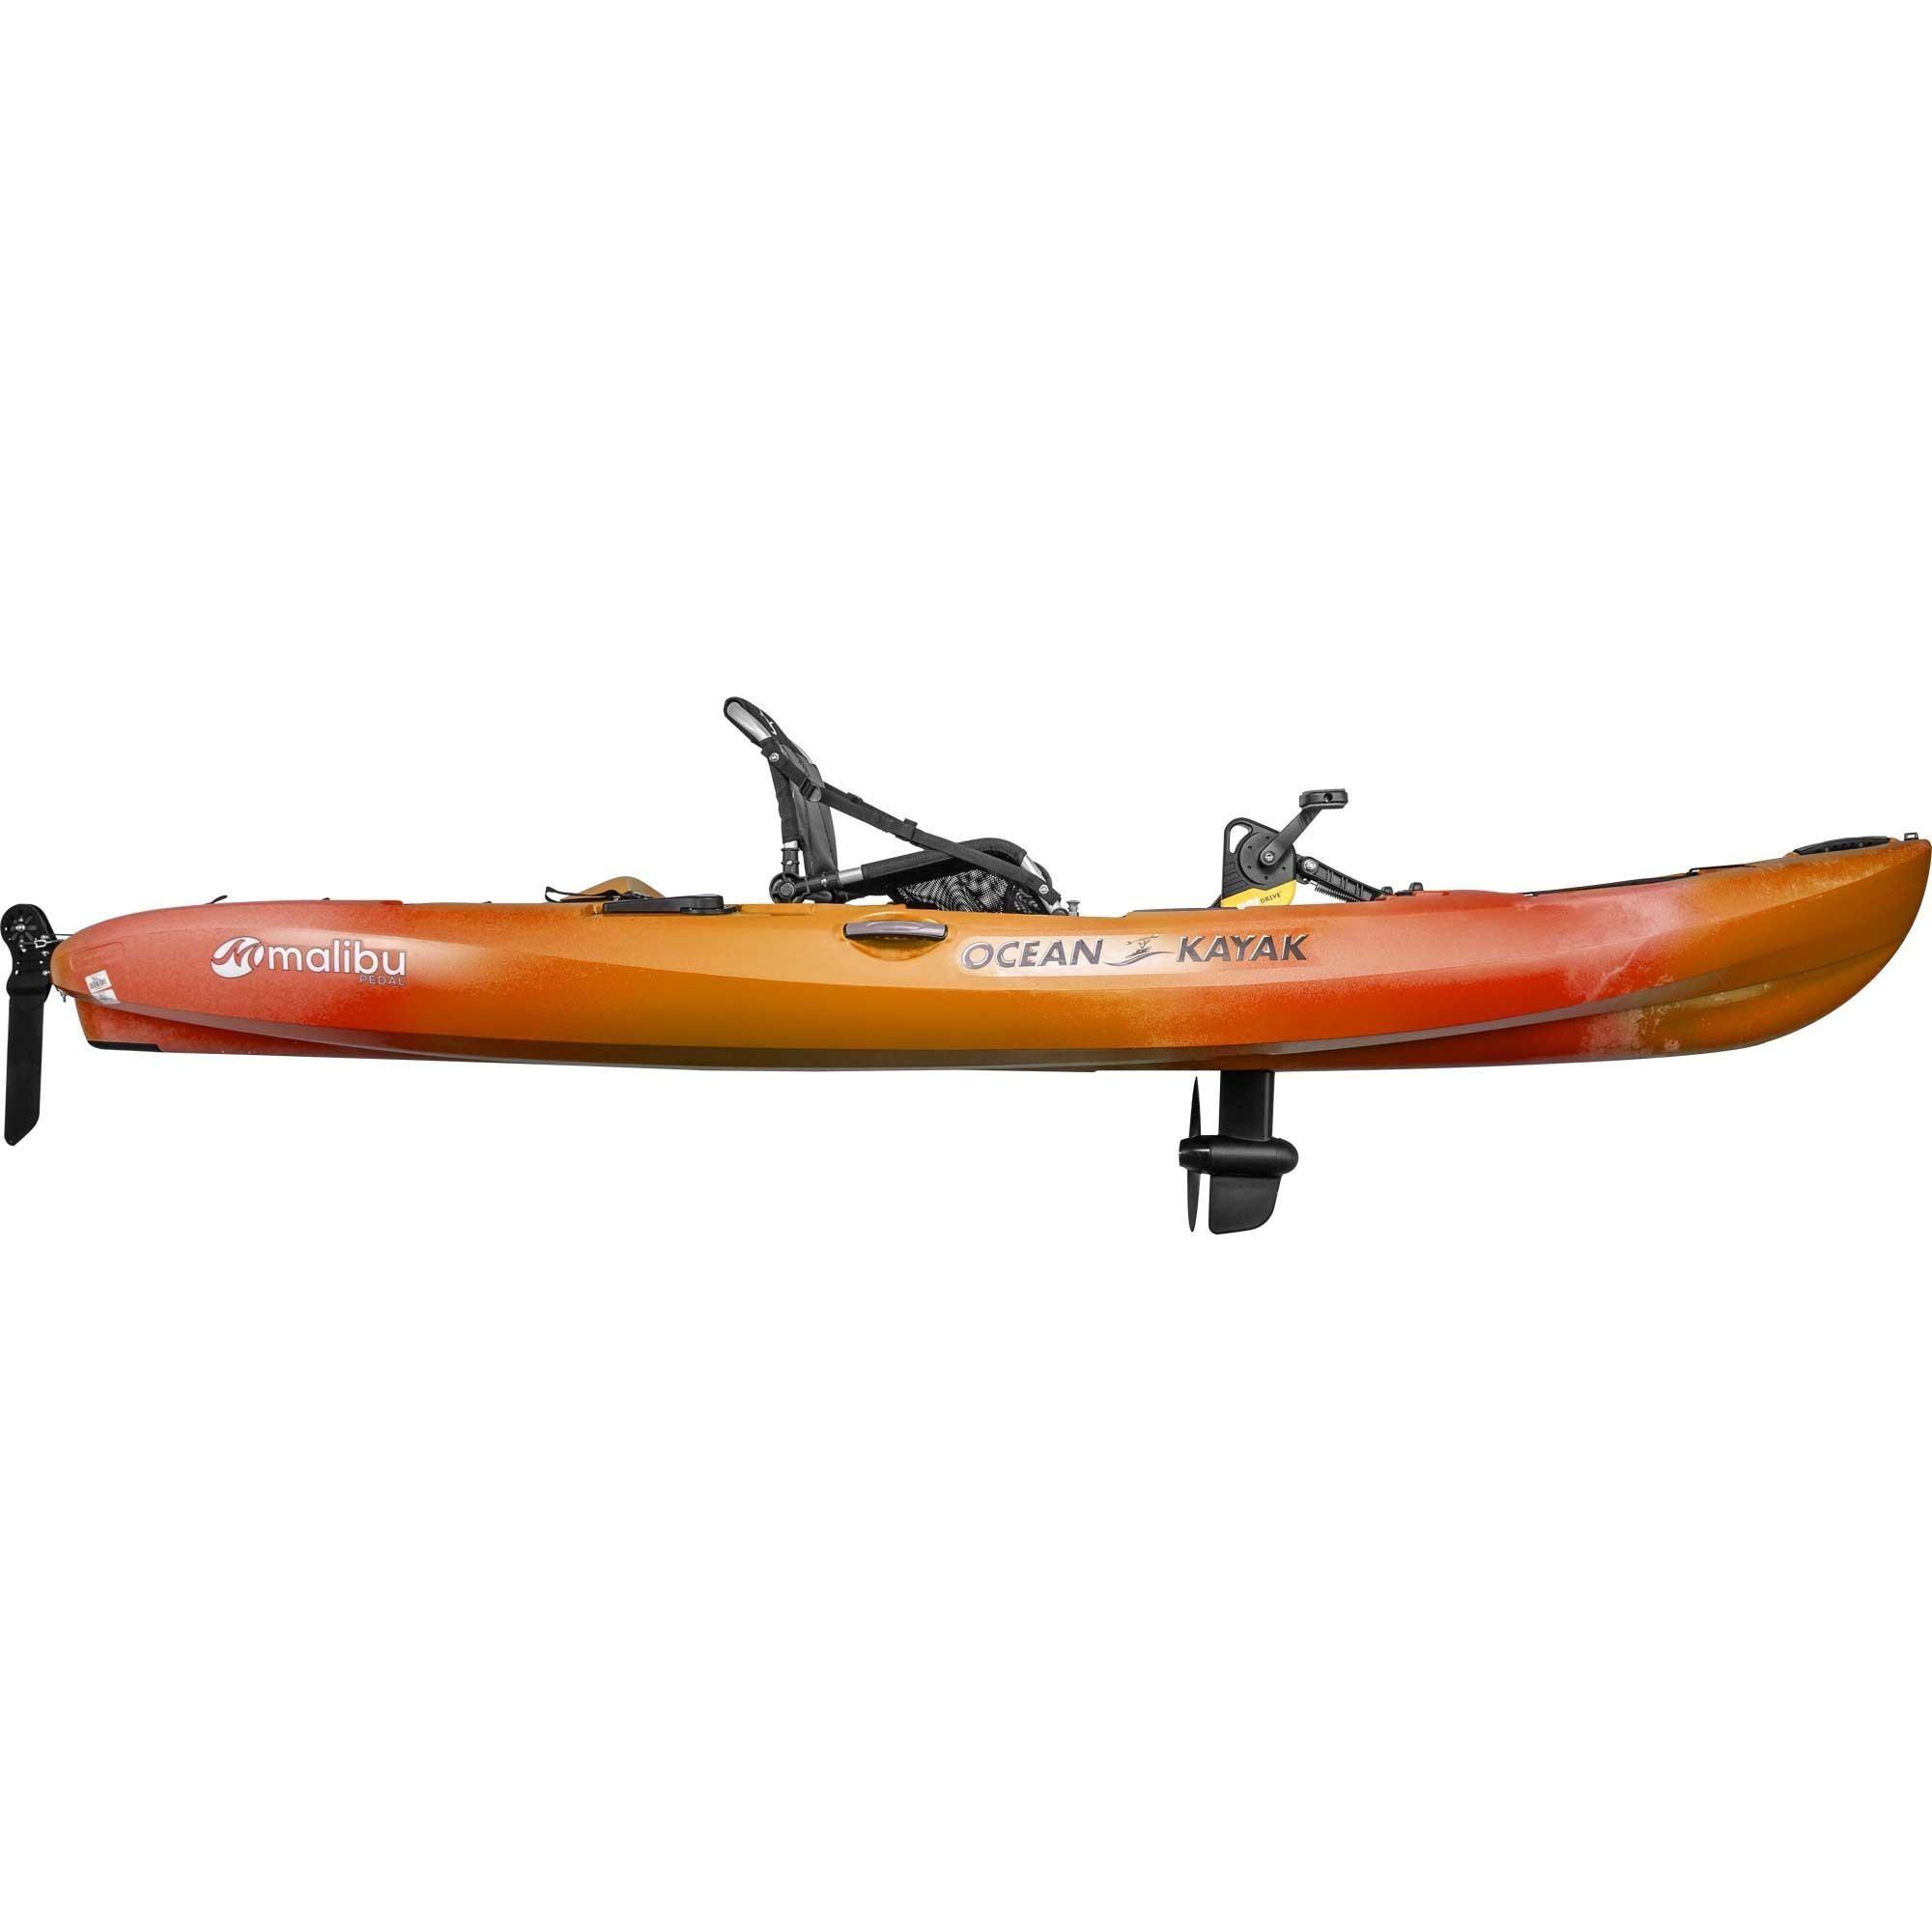 2019 Ocean Kayak Malibu Pedal Power Boat For Sale - www